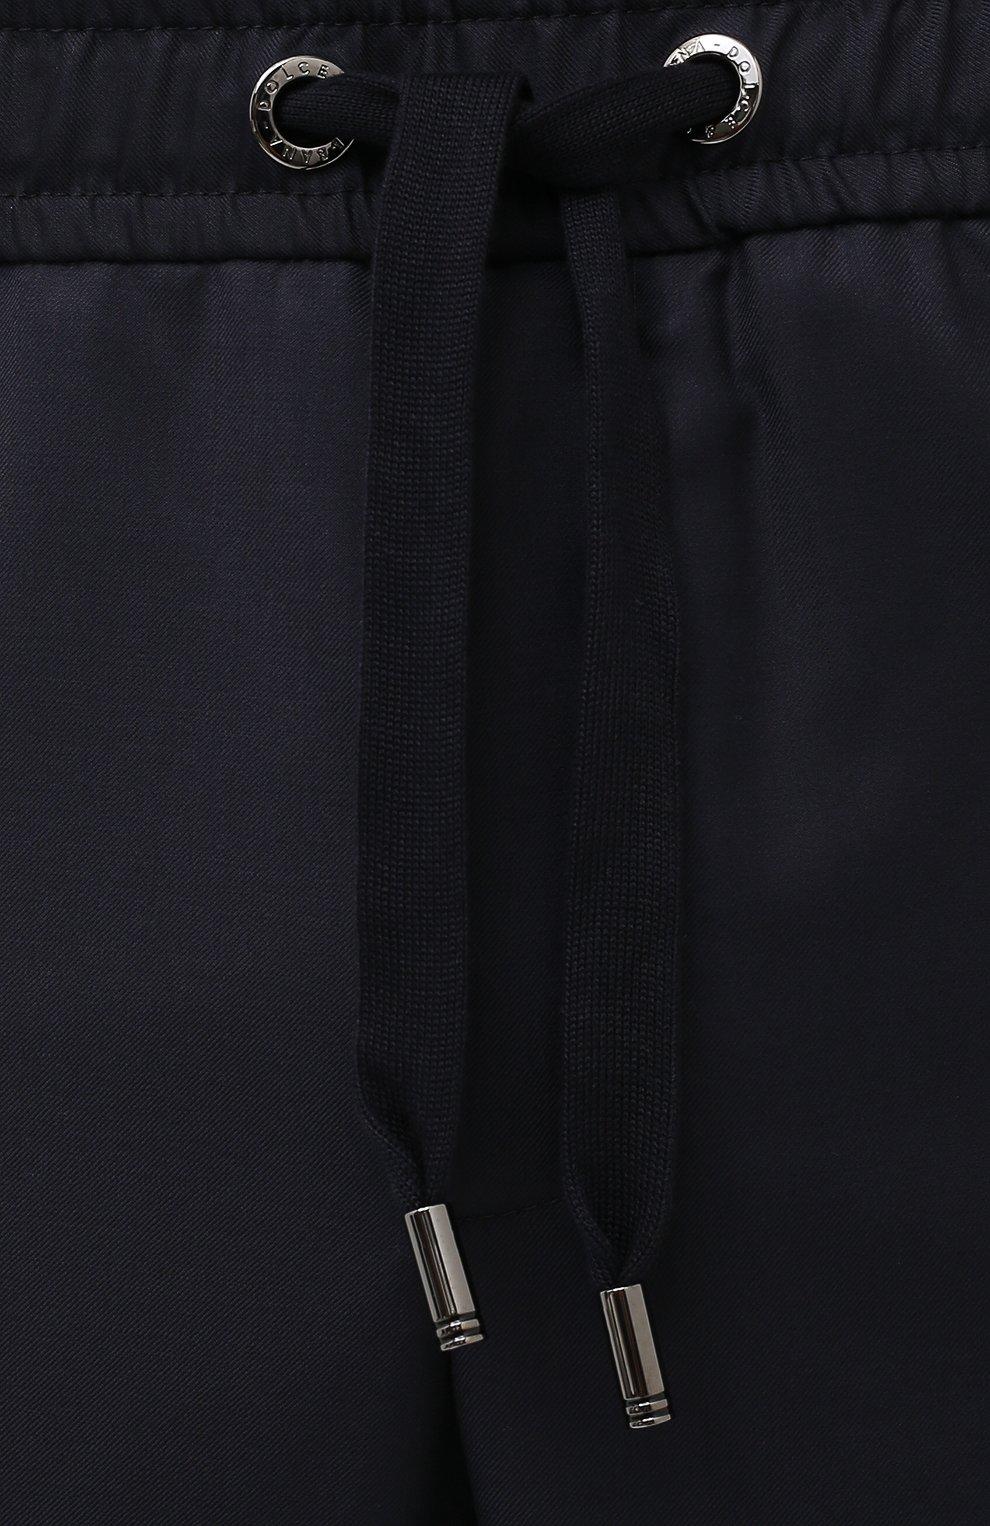 Мужские шерстяные брюки DOLCE & GABBANA синего цвета, арт. GYACET/FU2Z9   Фото 5 (Материал внешний: Шерсть; Длина (брюки, джинсы): Стандартные; Случай: Повседневный; Стили: Кэжуэл)